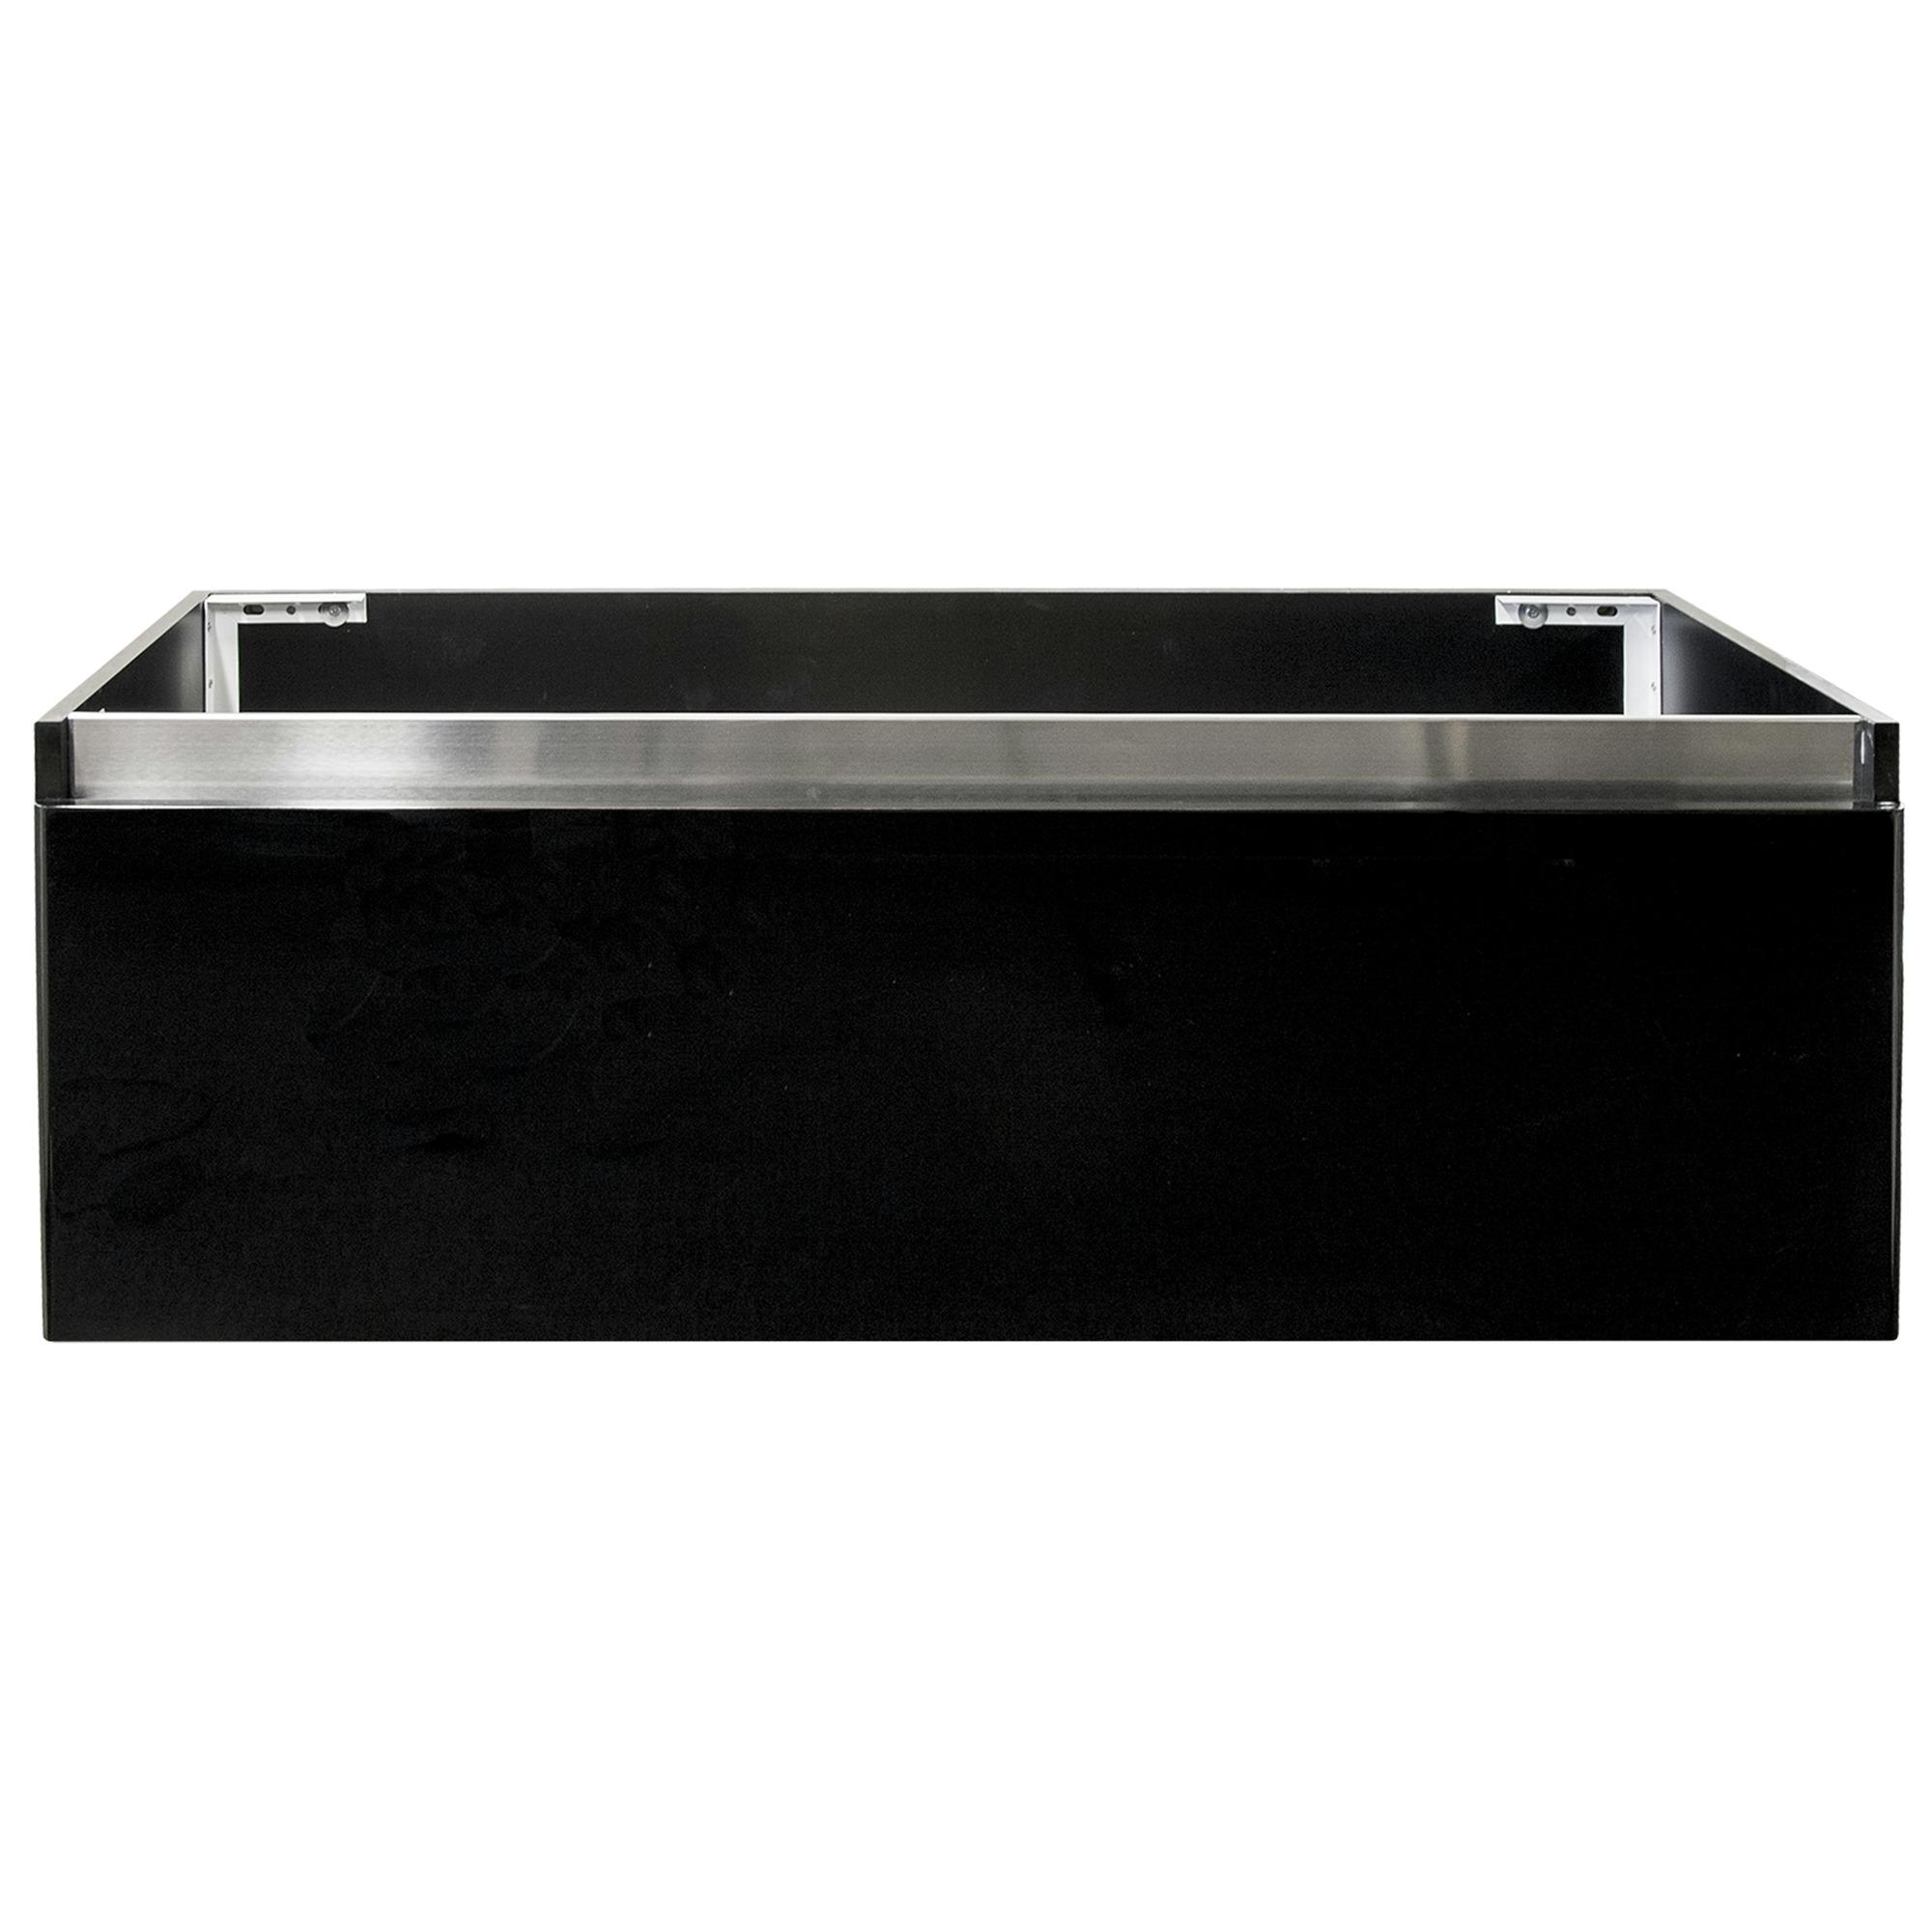 stripe onderkast hoogglans zwart 120 cm | badkamermeubelen, Badkamer